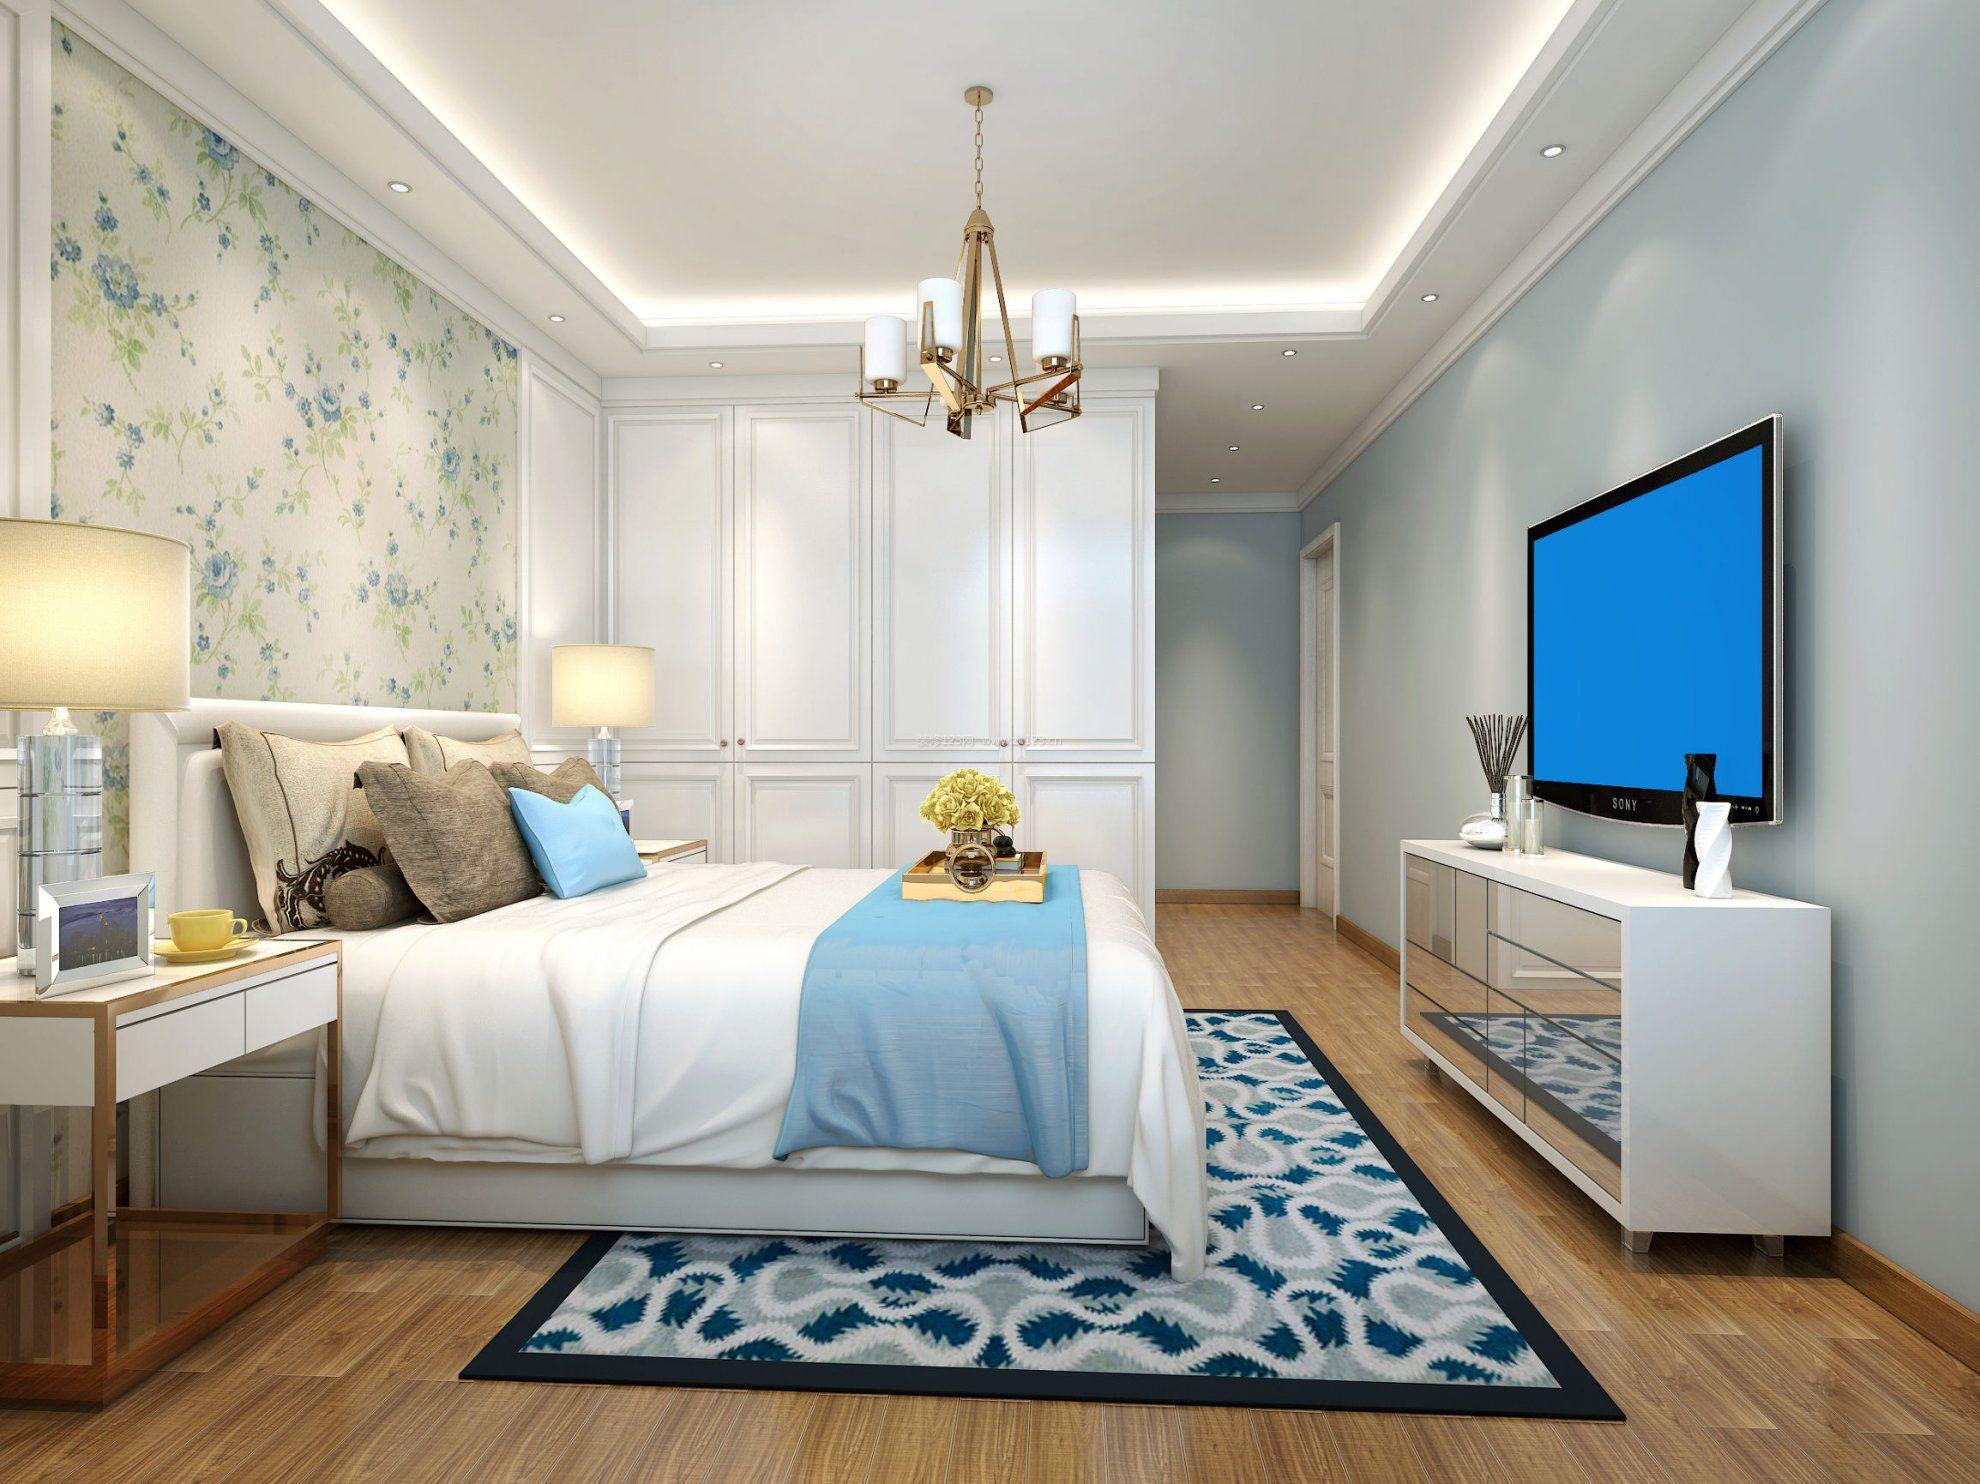 卧室壁纸装修效果图_卧室壁纸装修效果图大全